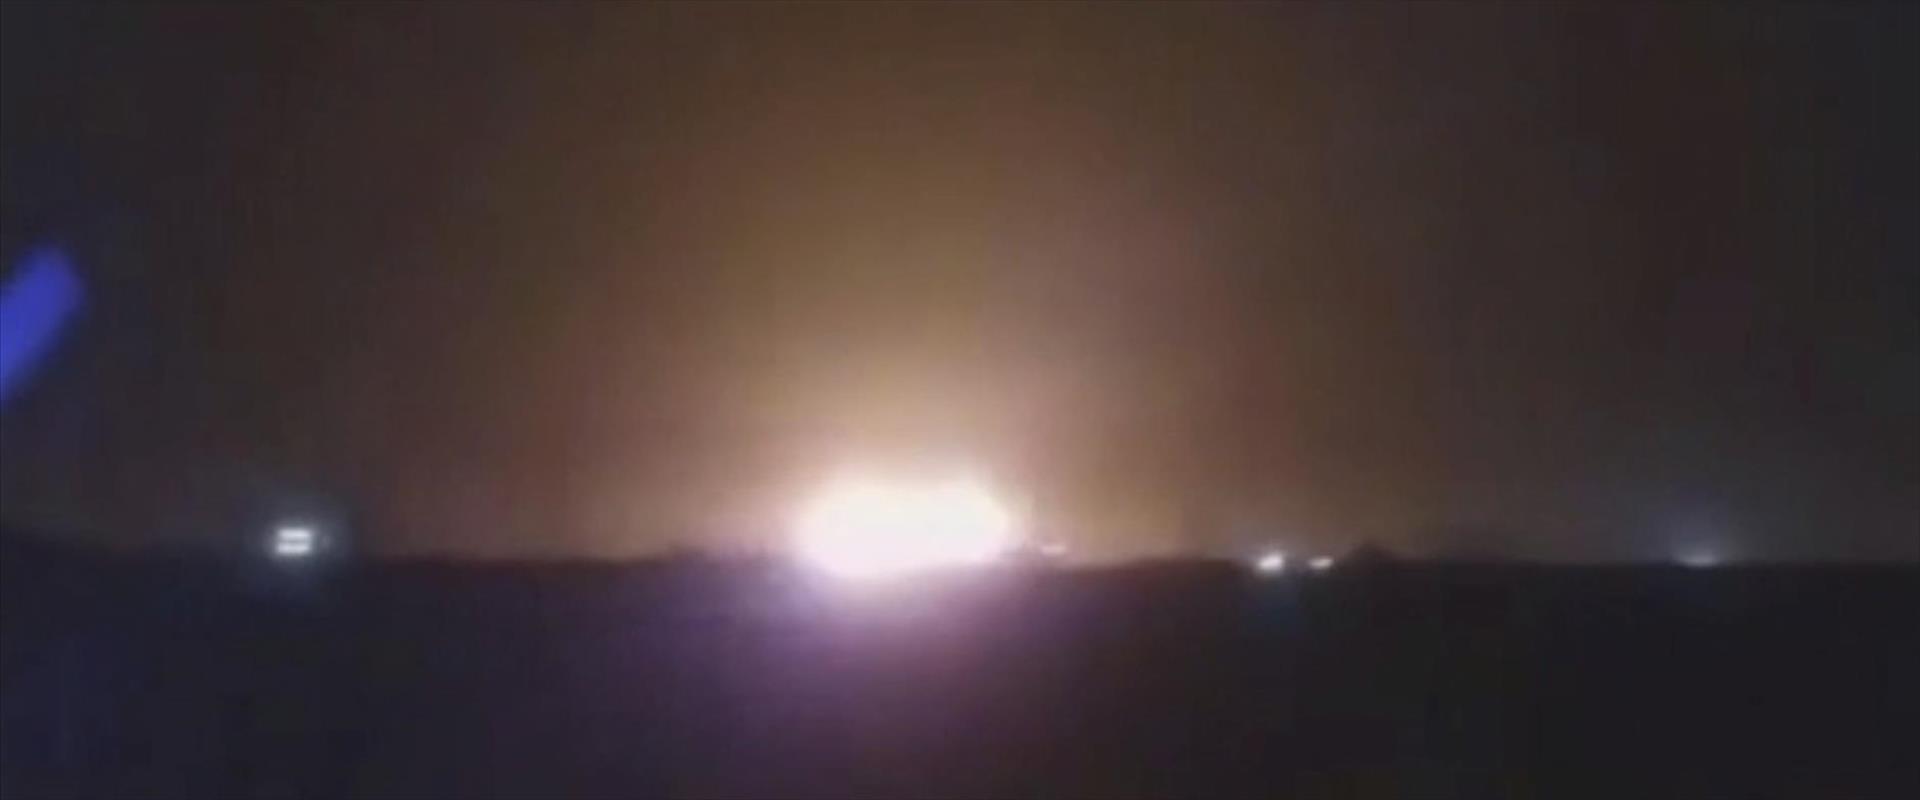 פיצוץ באיראן, מוקדם יותר השנה